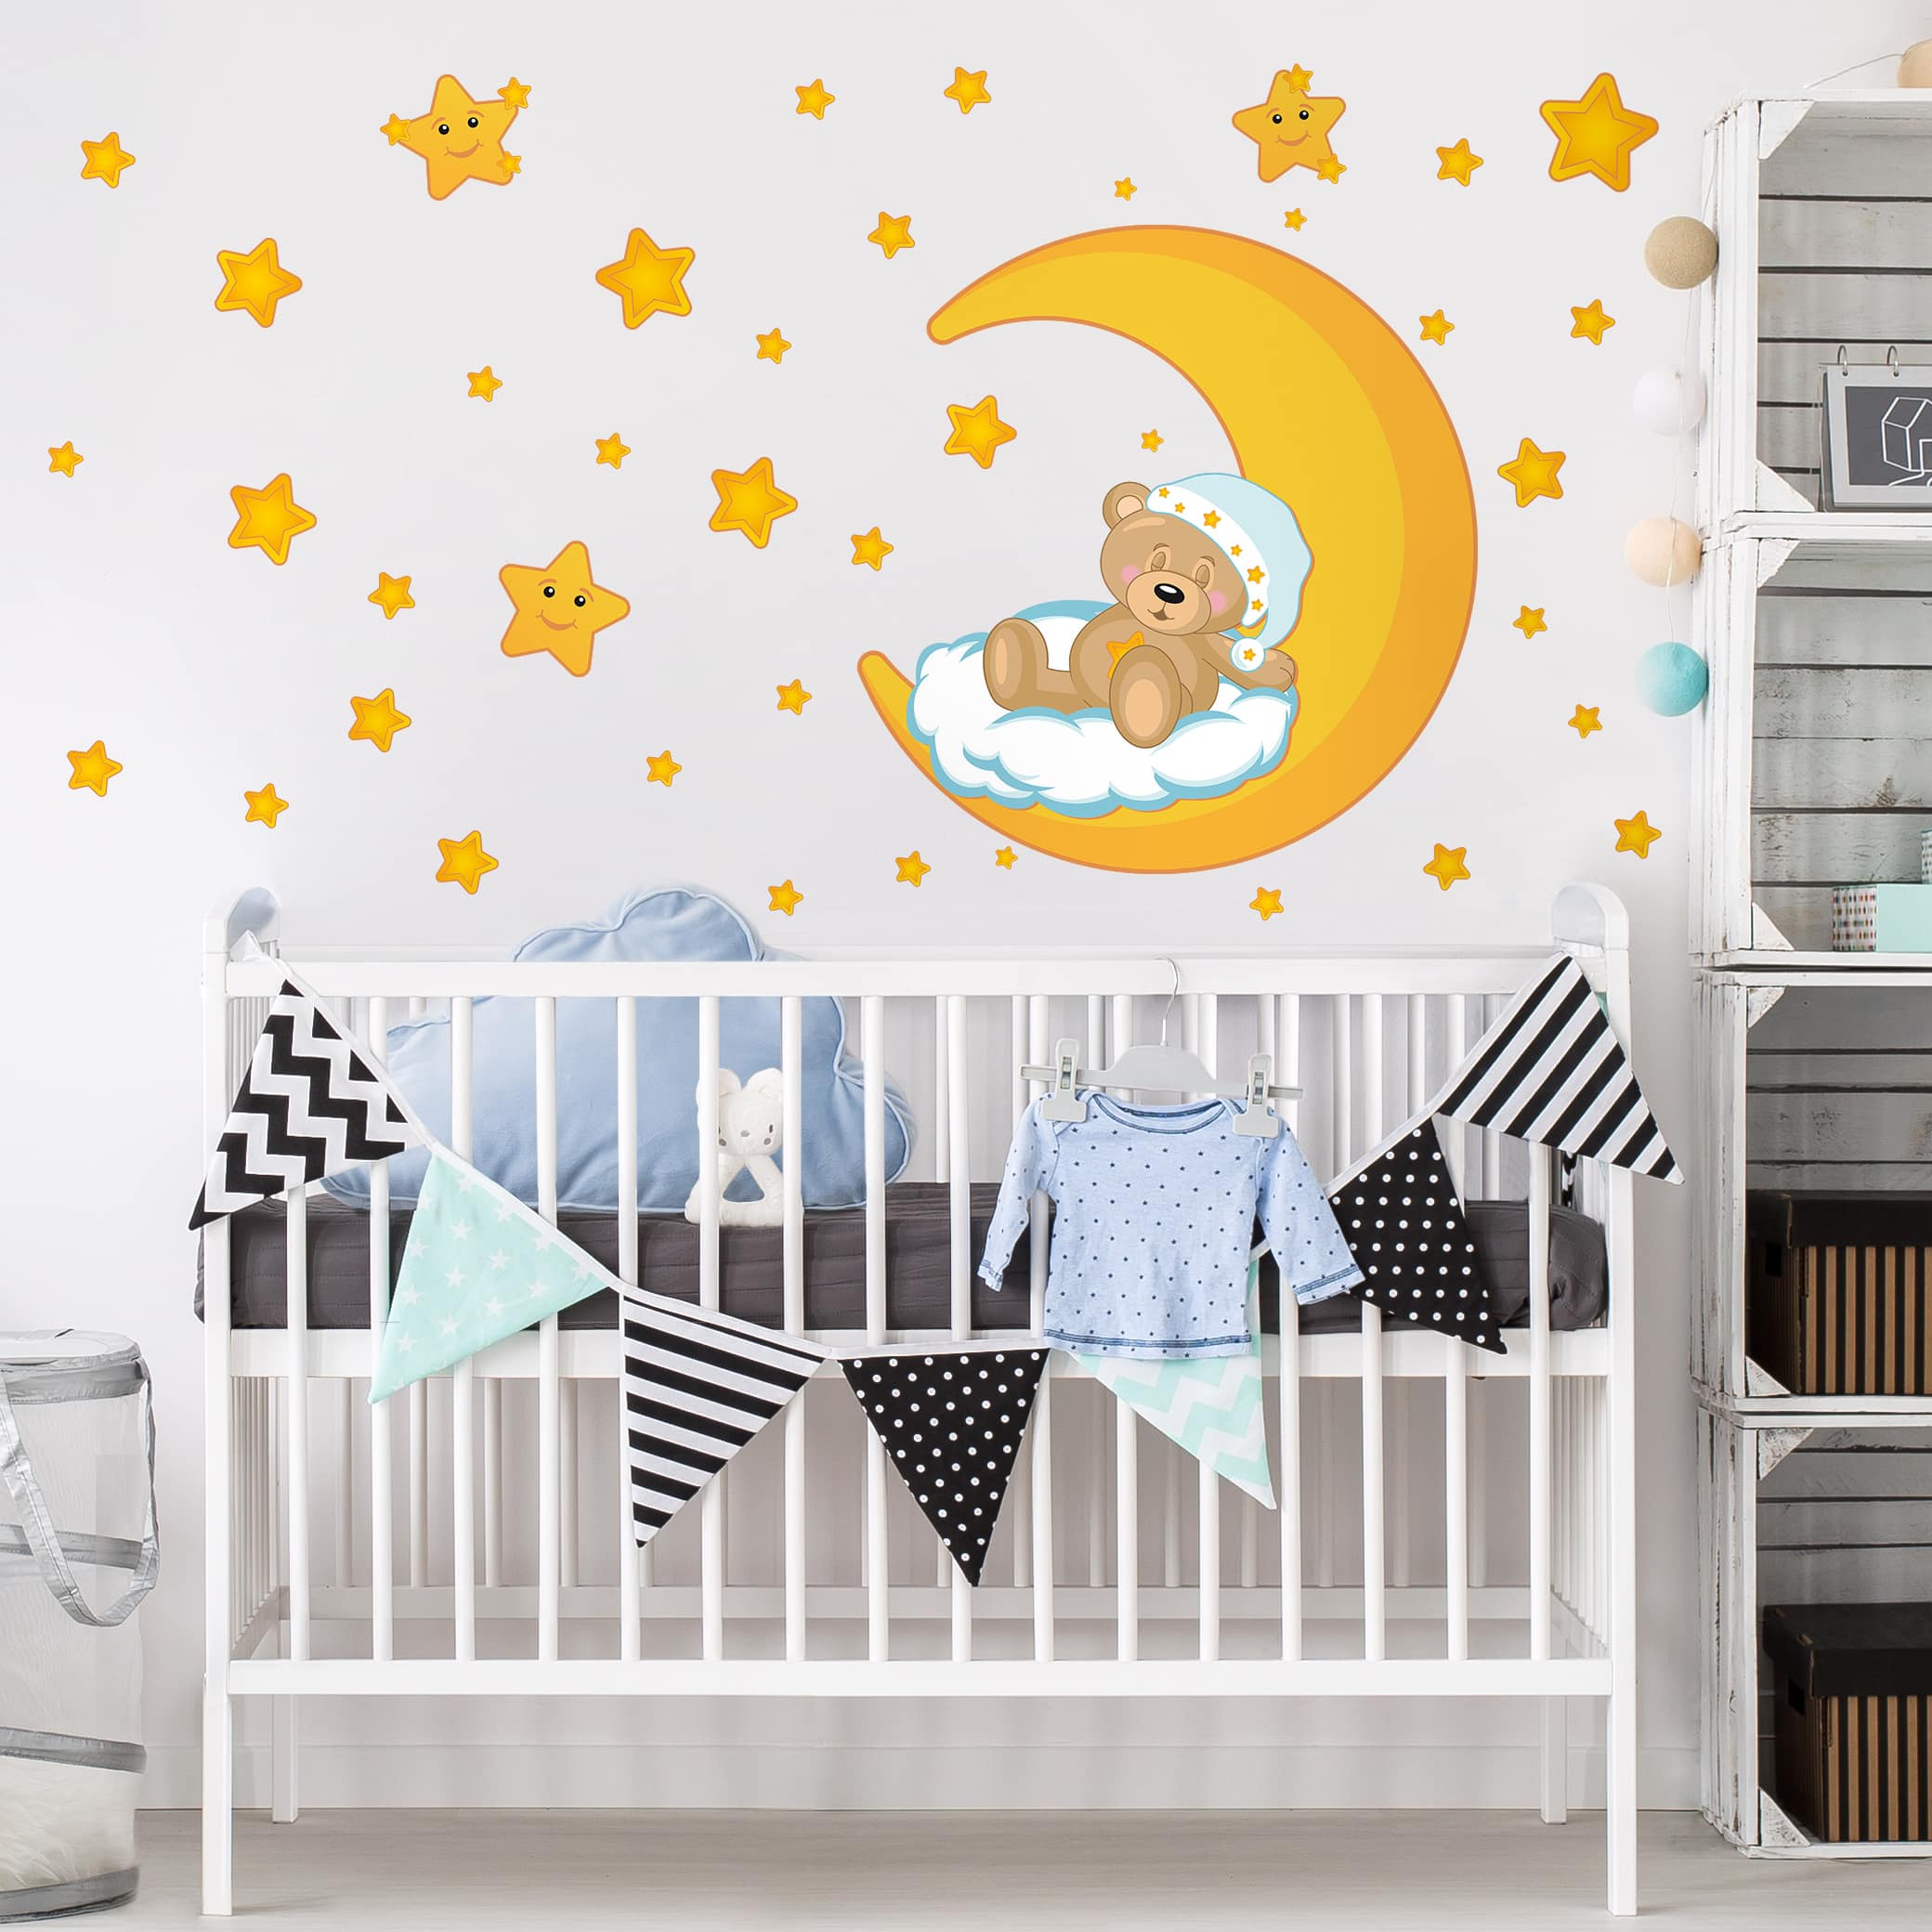 Wandtattoo kinderzimmer teddys sternenhimmel for Sternenhimmel kinderzimmer